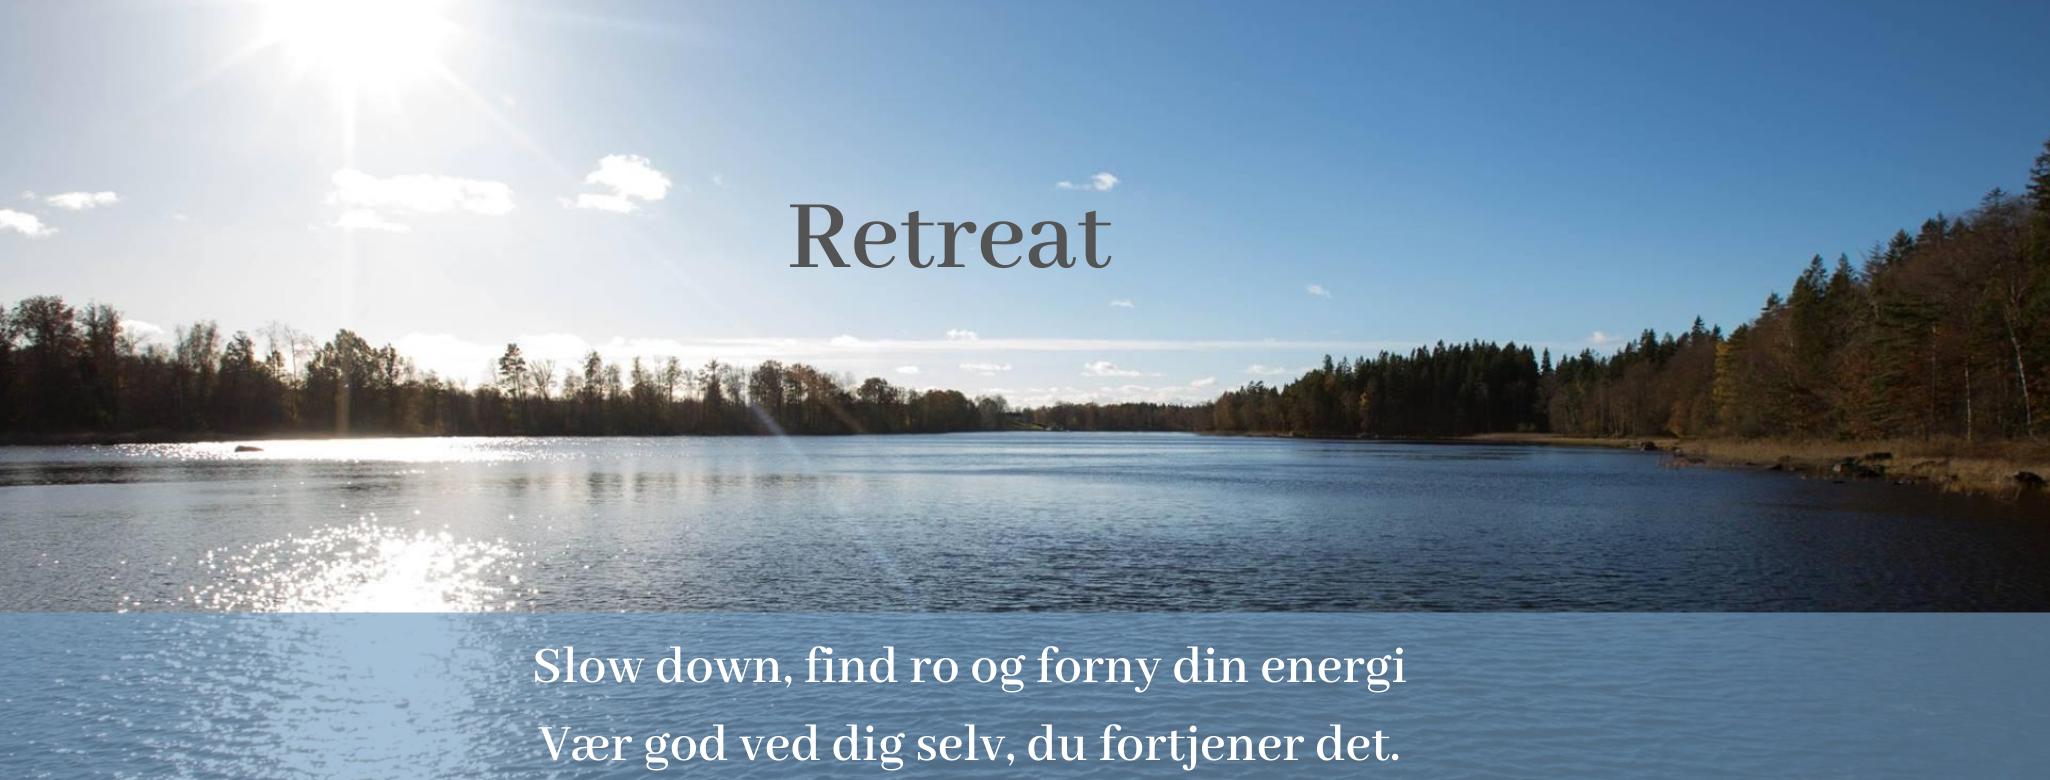 retreat krispilates og yoga